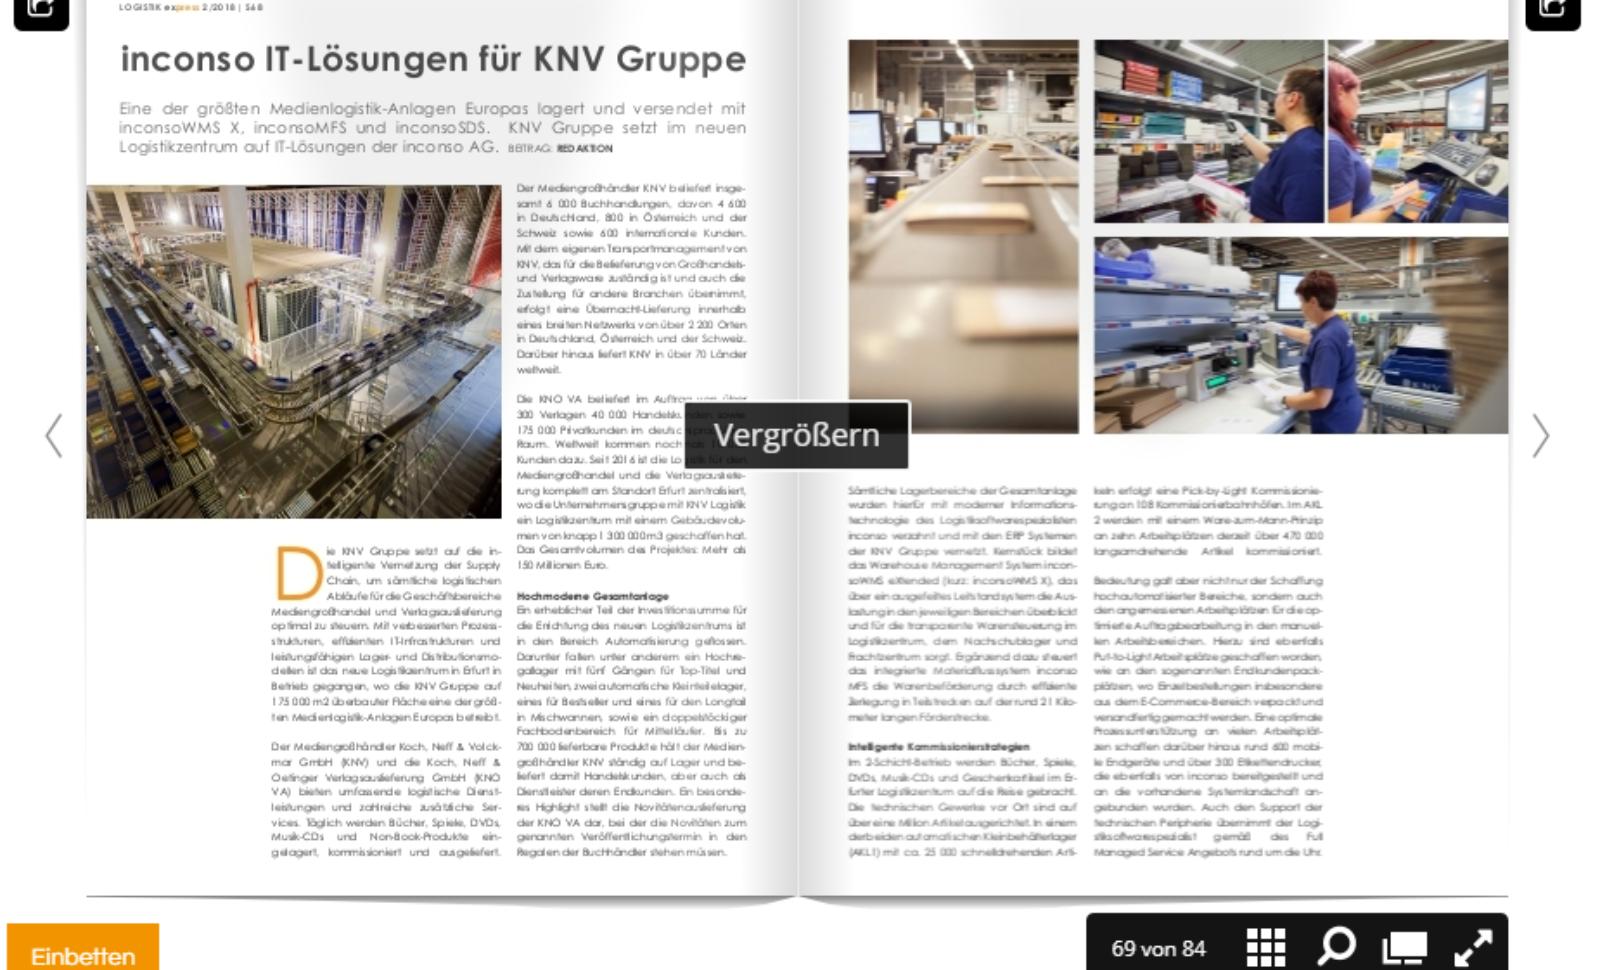 inconso IT-Lösungen für KNV Gruppe